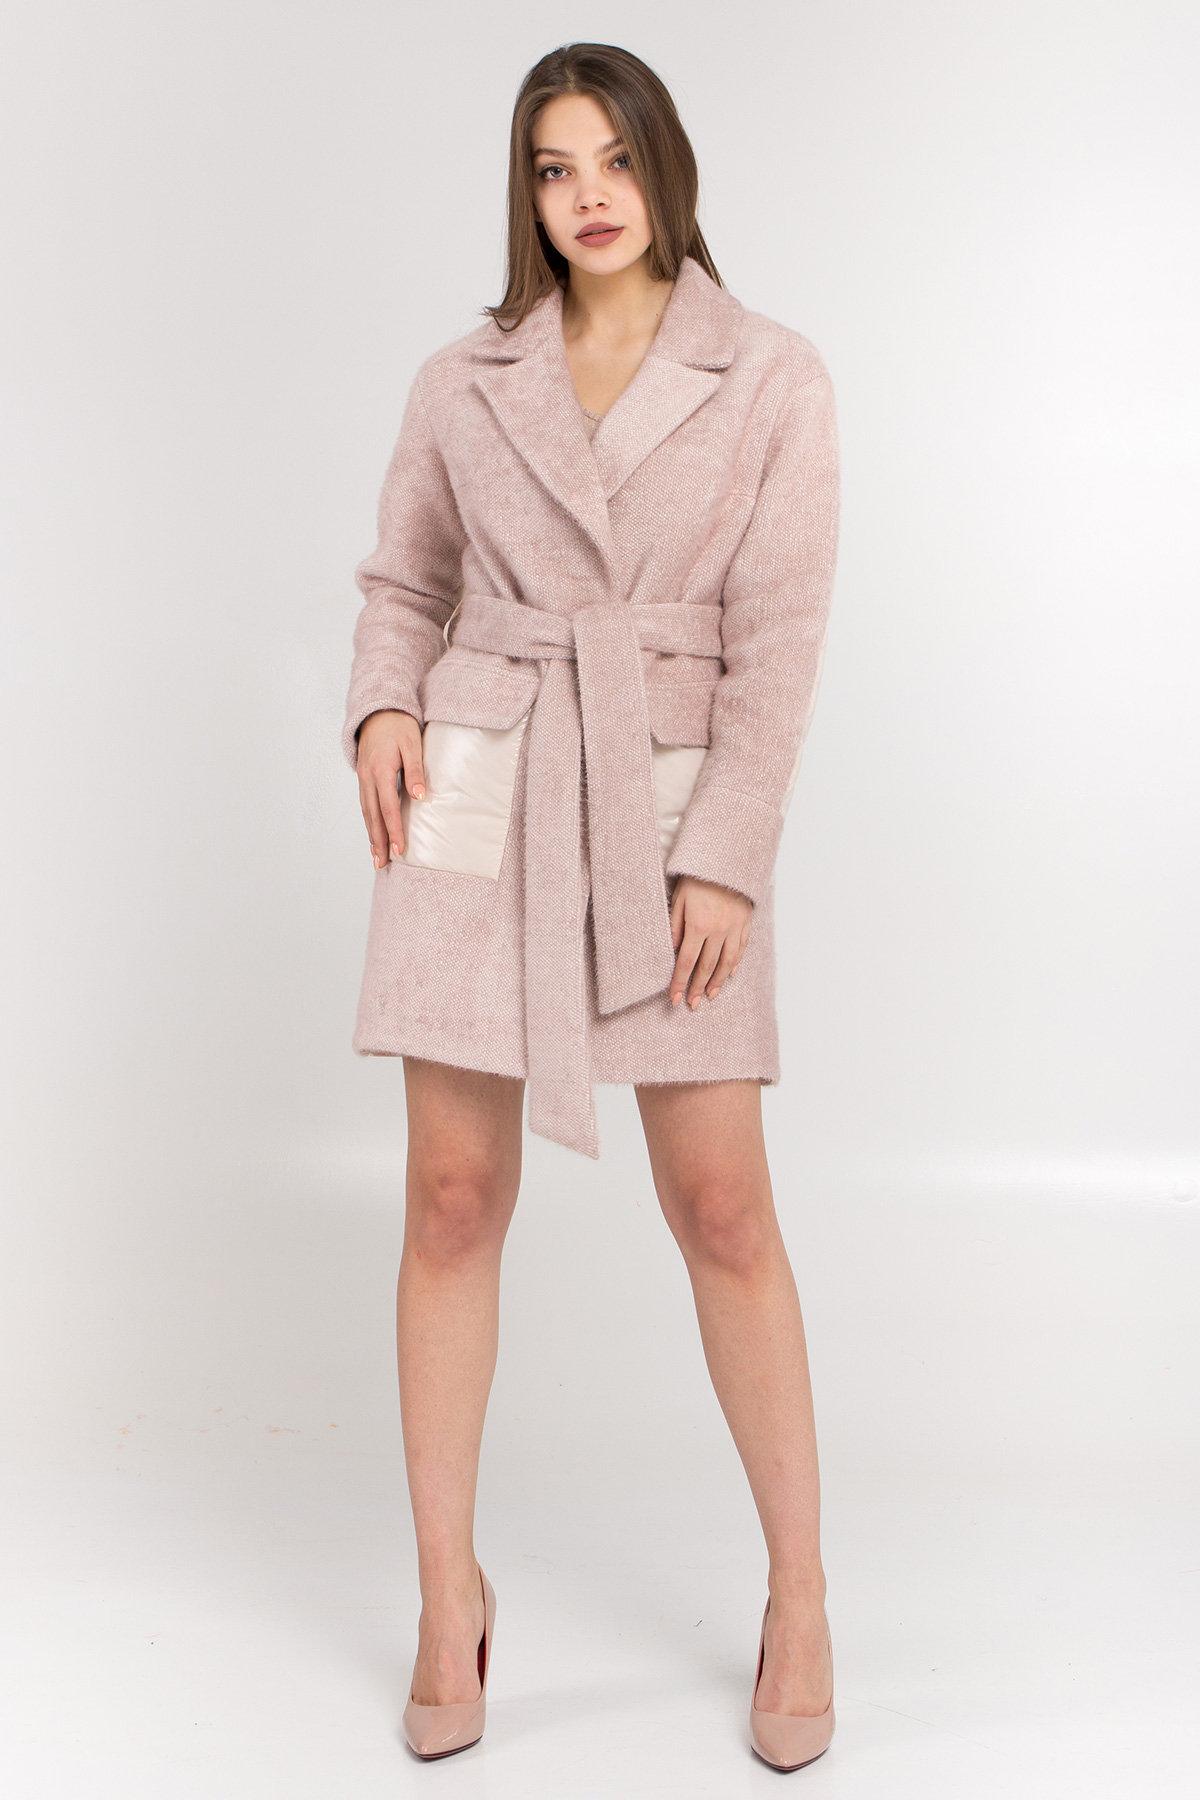 Демисезонное пальто купить Комбинированное пальто Монклер 8884